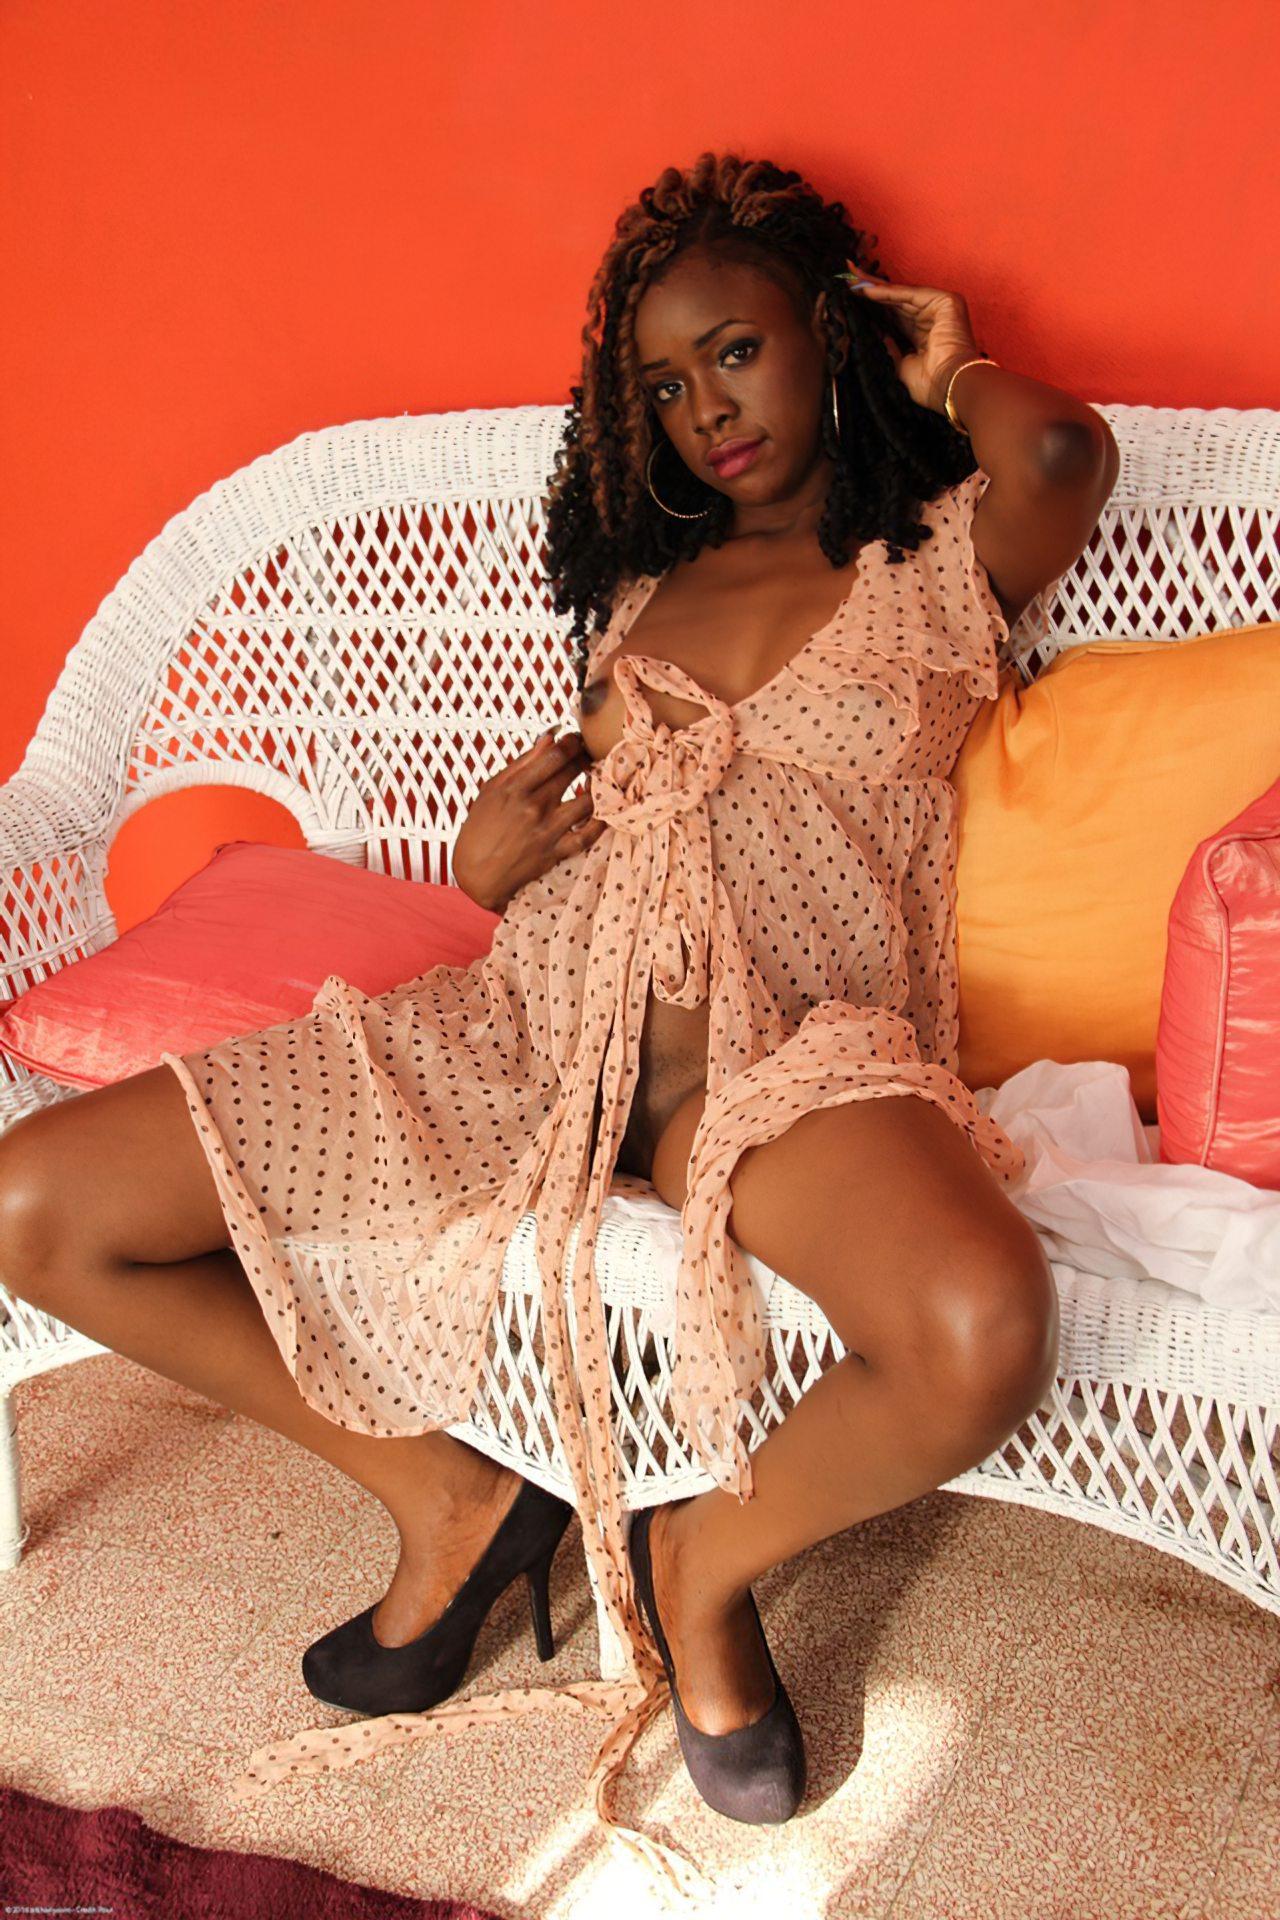 Negra Sexy Pelada (1)